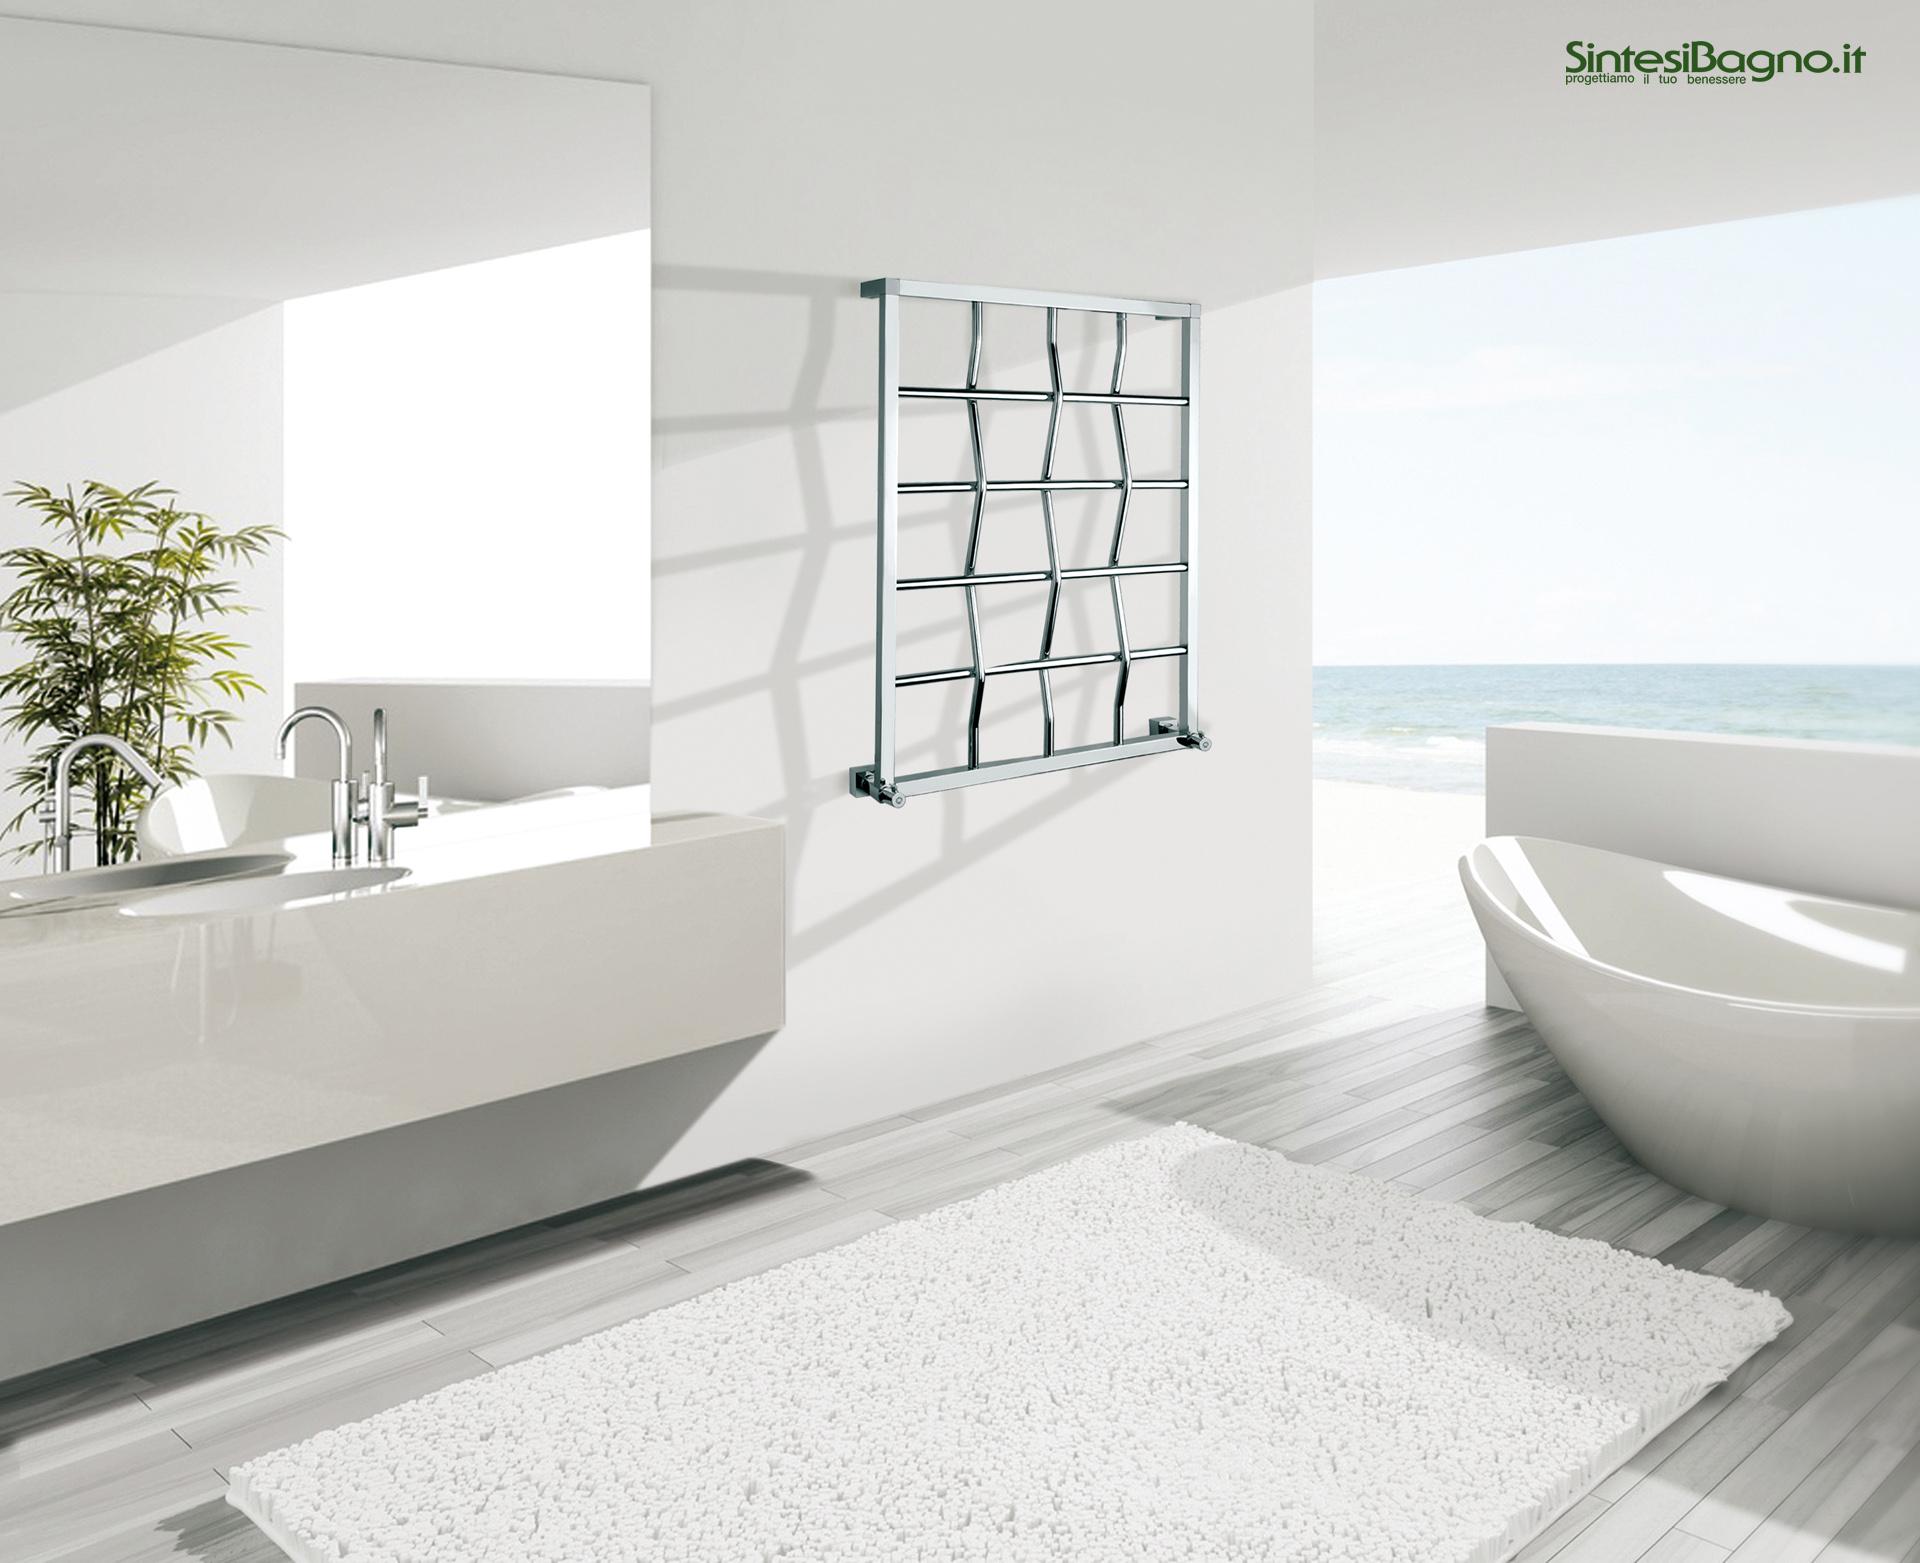 Margaroli serie quadri scaldasalviette ad acqua ed - Quadri in bagno ...